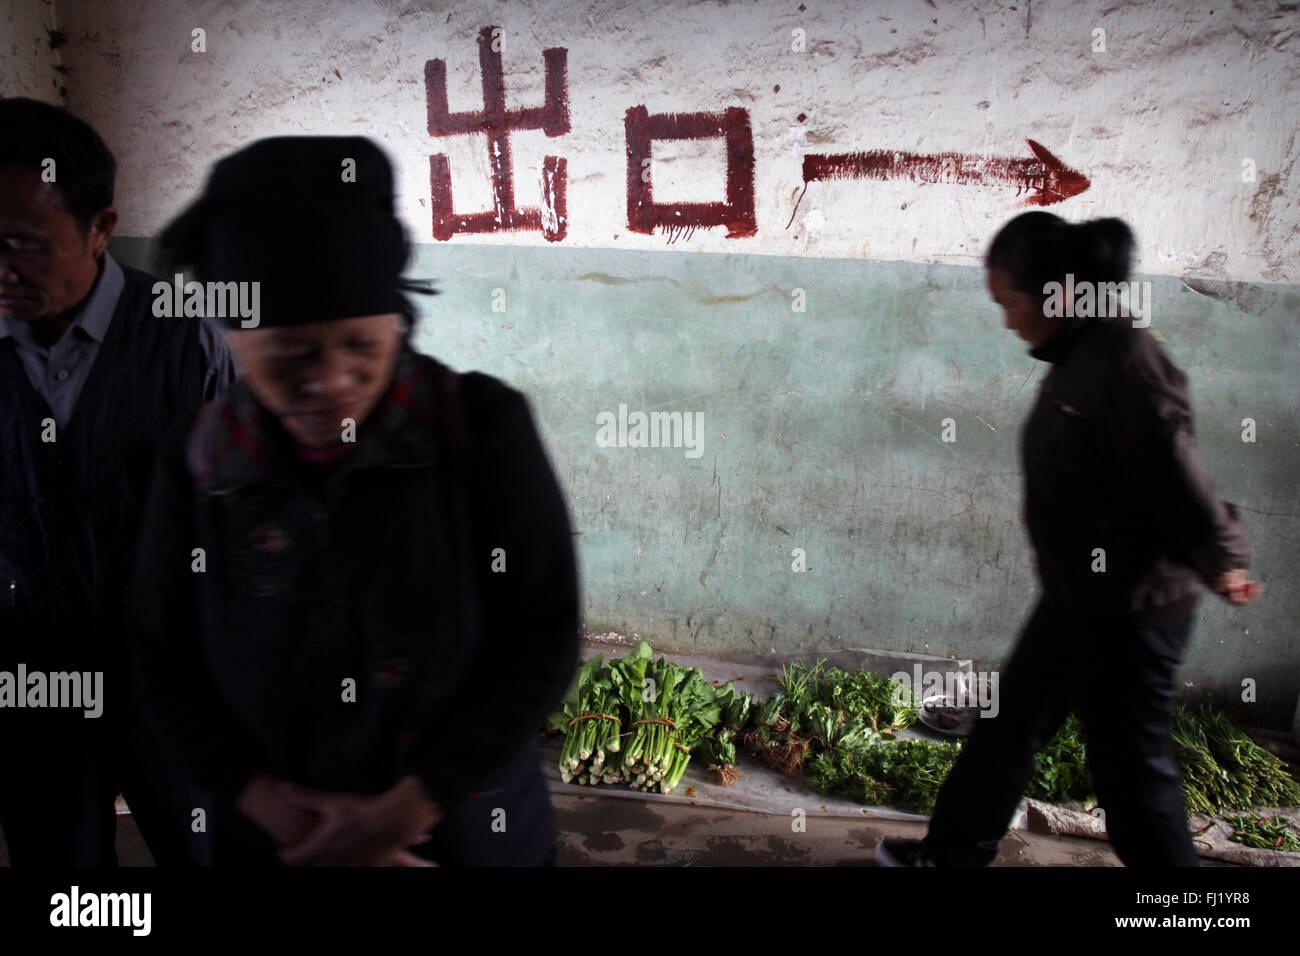 Les femmes au marché de Yuanyang avec flèche peinte sur un mur pour afficher le sens, Yuanyang, Chine Photo Stock